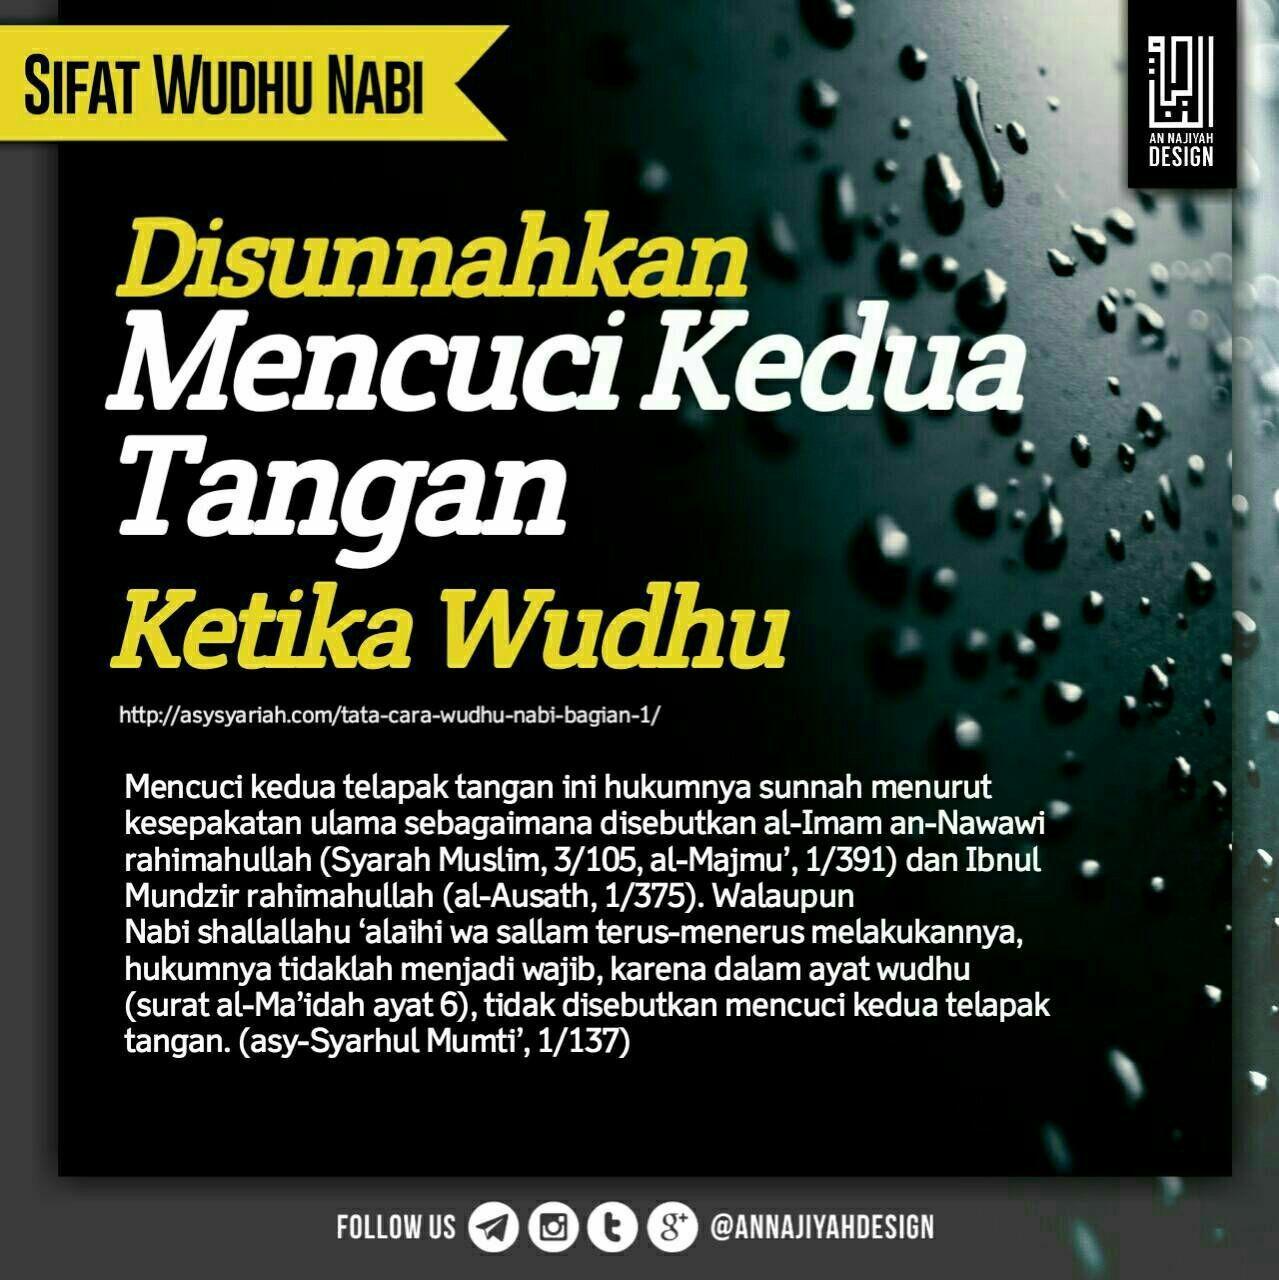 Bacaan Makmum Masbuk Dalam Sholat Jahr Tata Cara Makmum Masbuk Sholat Poster Dakwah Yufid Tv Youtube